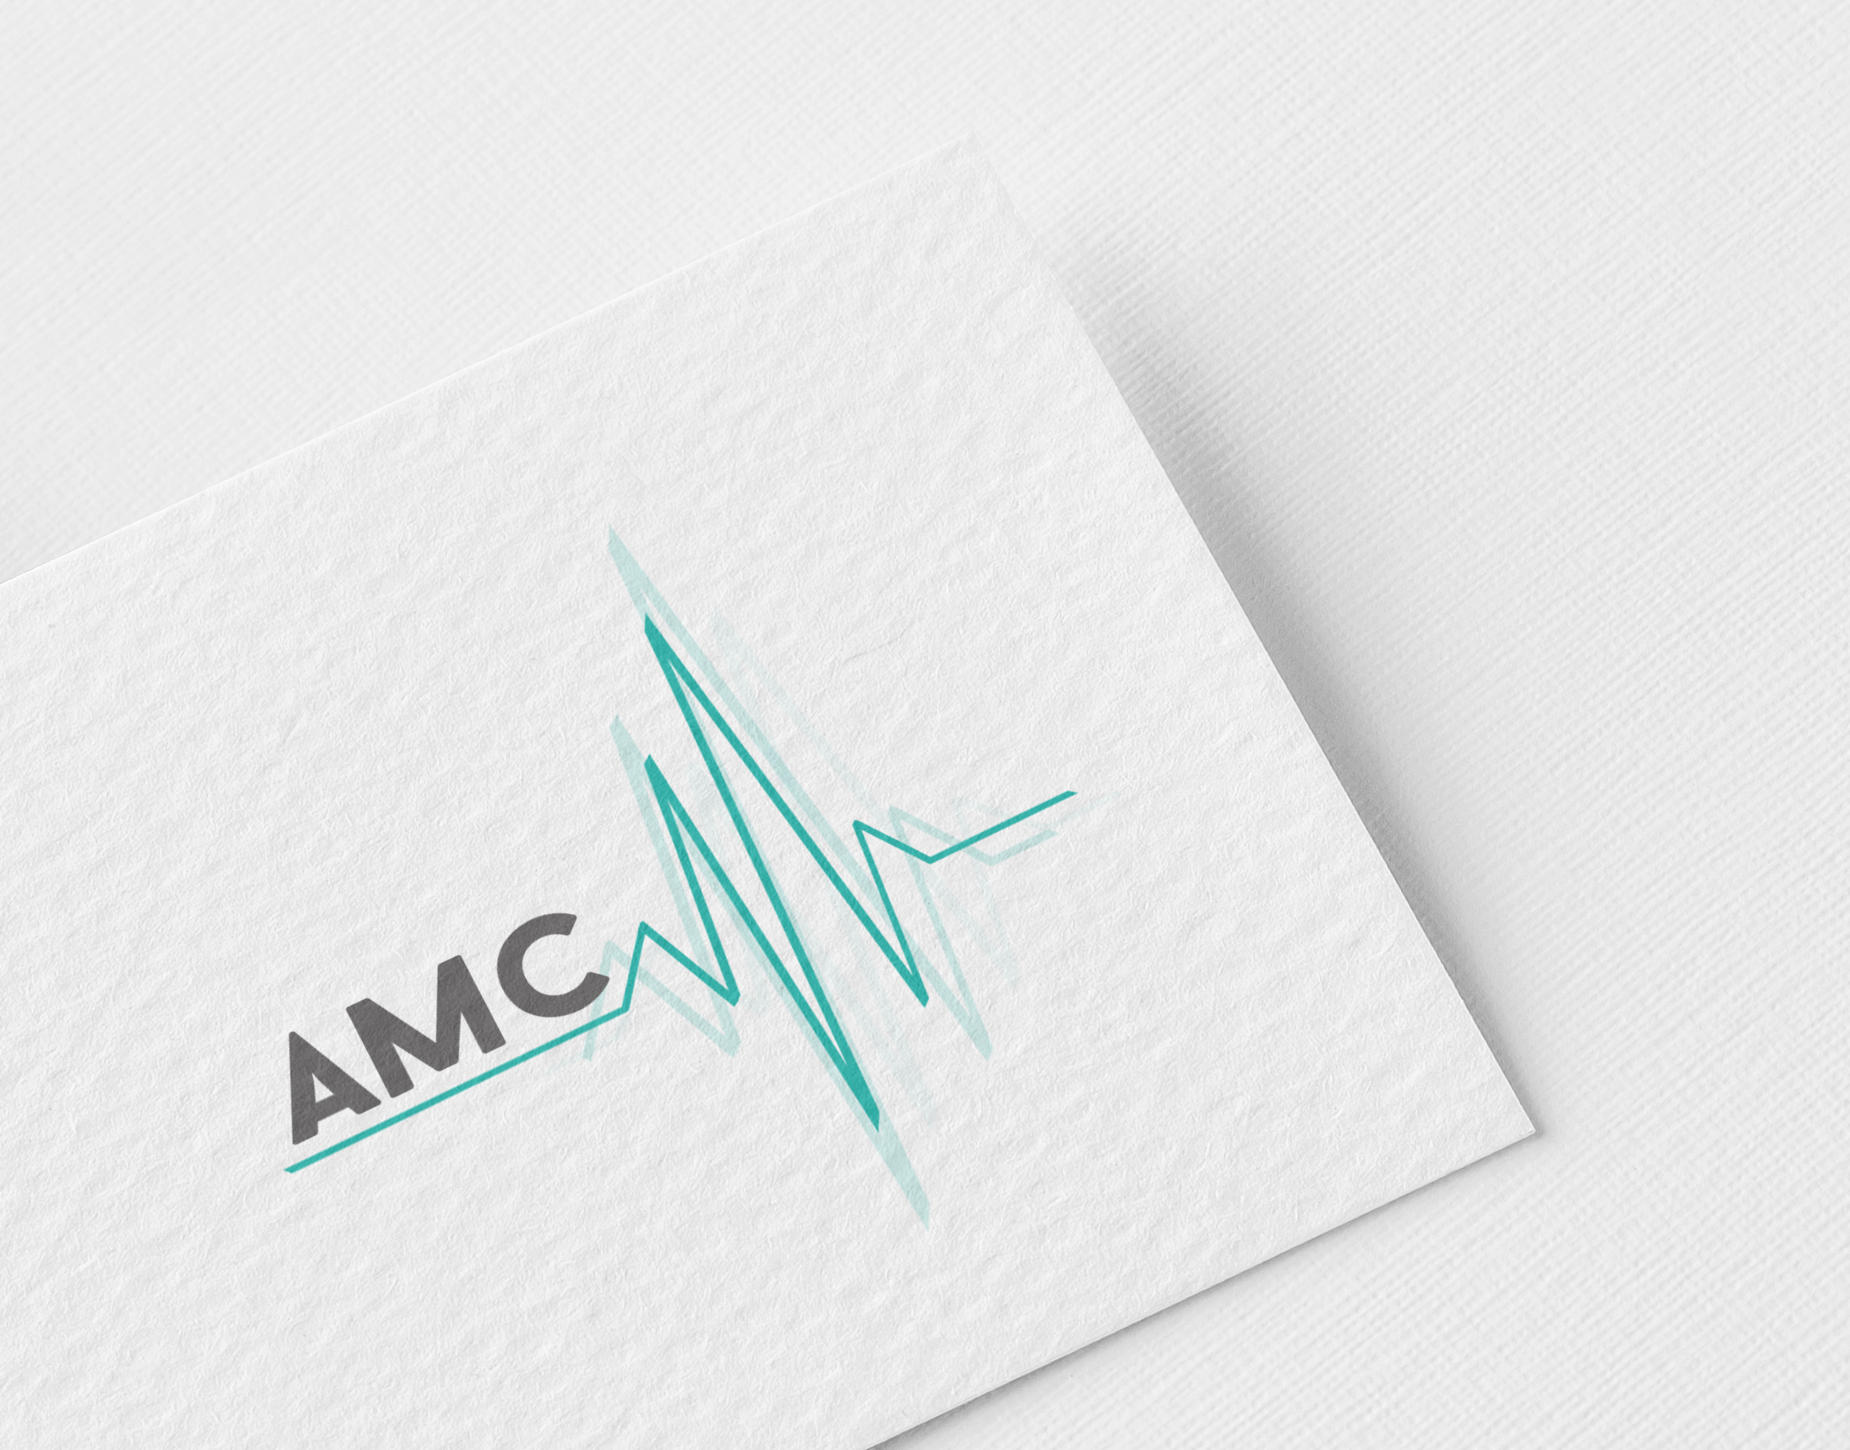 Логотип для медицинского центра (клиники)  фото f_1745b982ad90259d.jpg